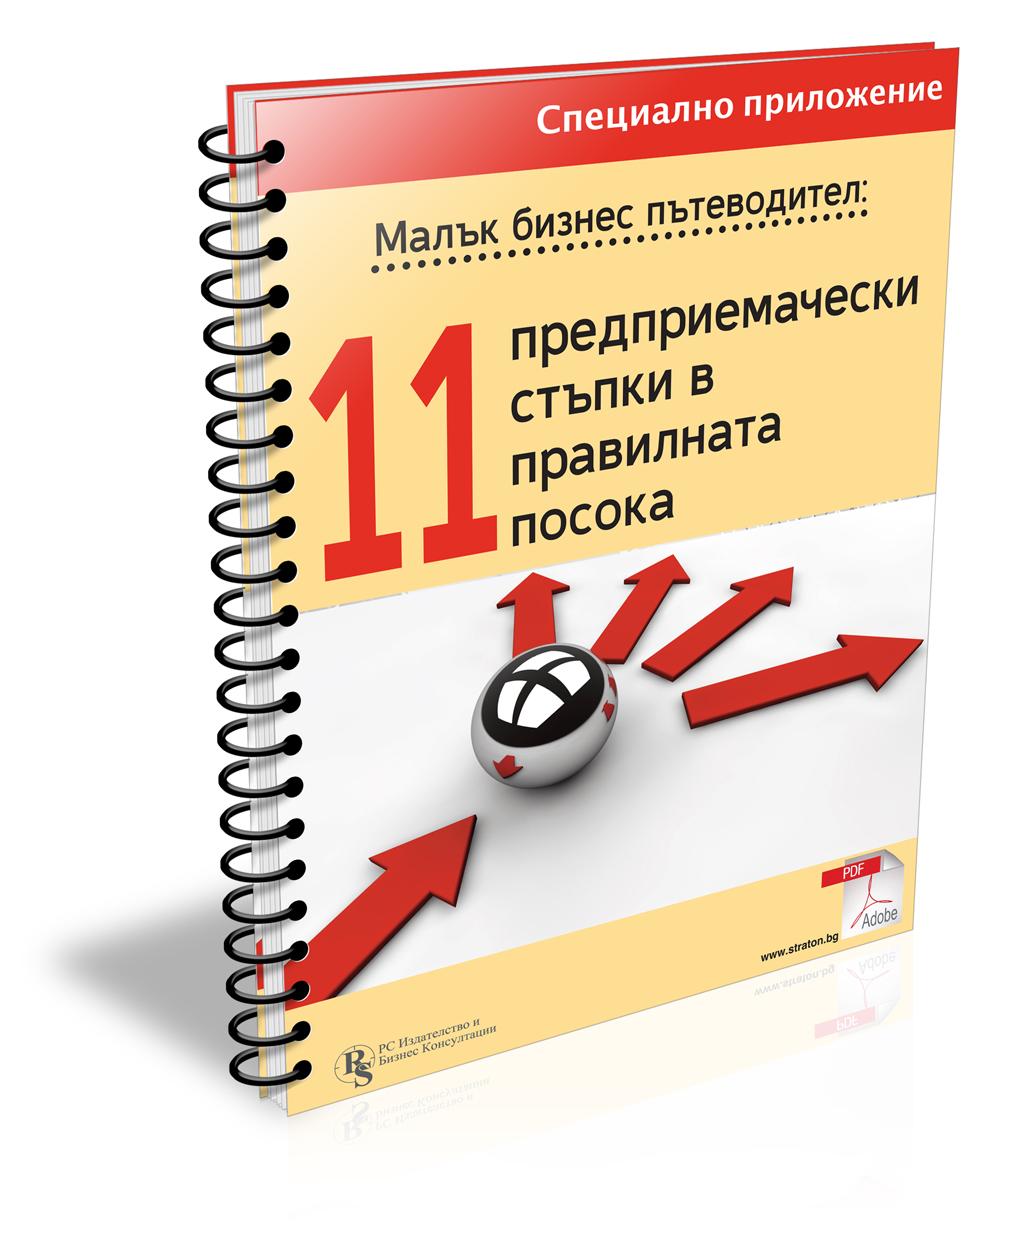 Малък бизнес пътеводител - 11 предприемачески стъпки в правилната посока